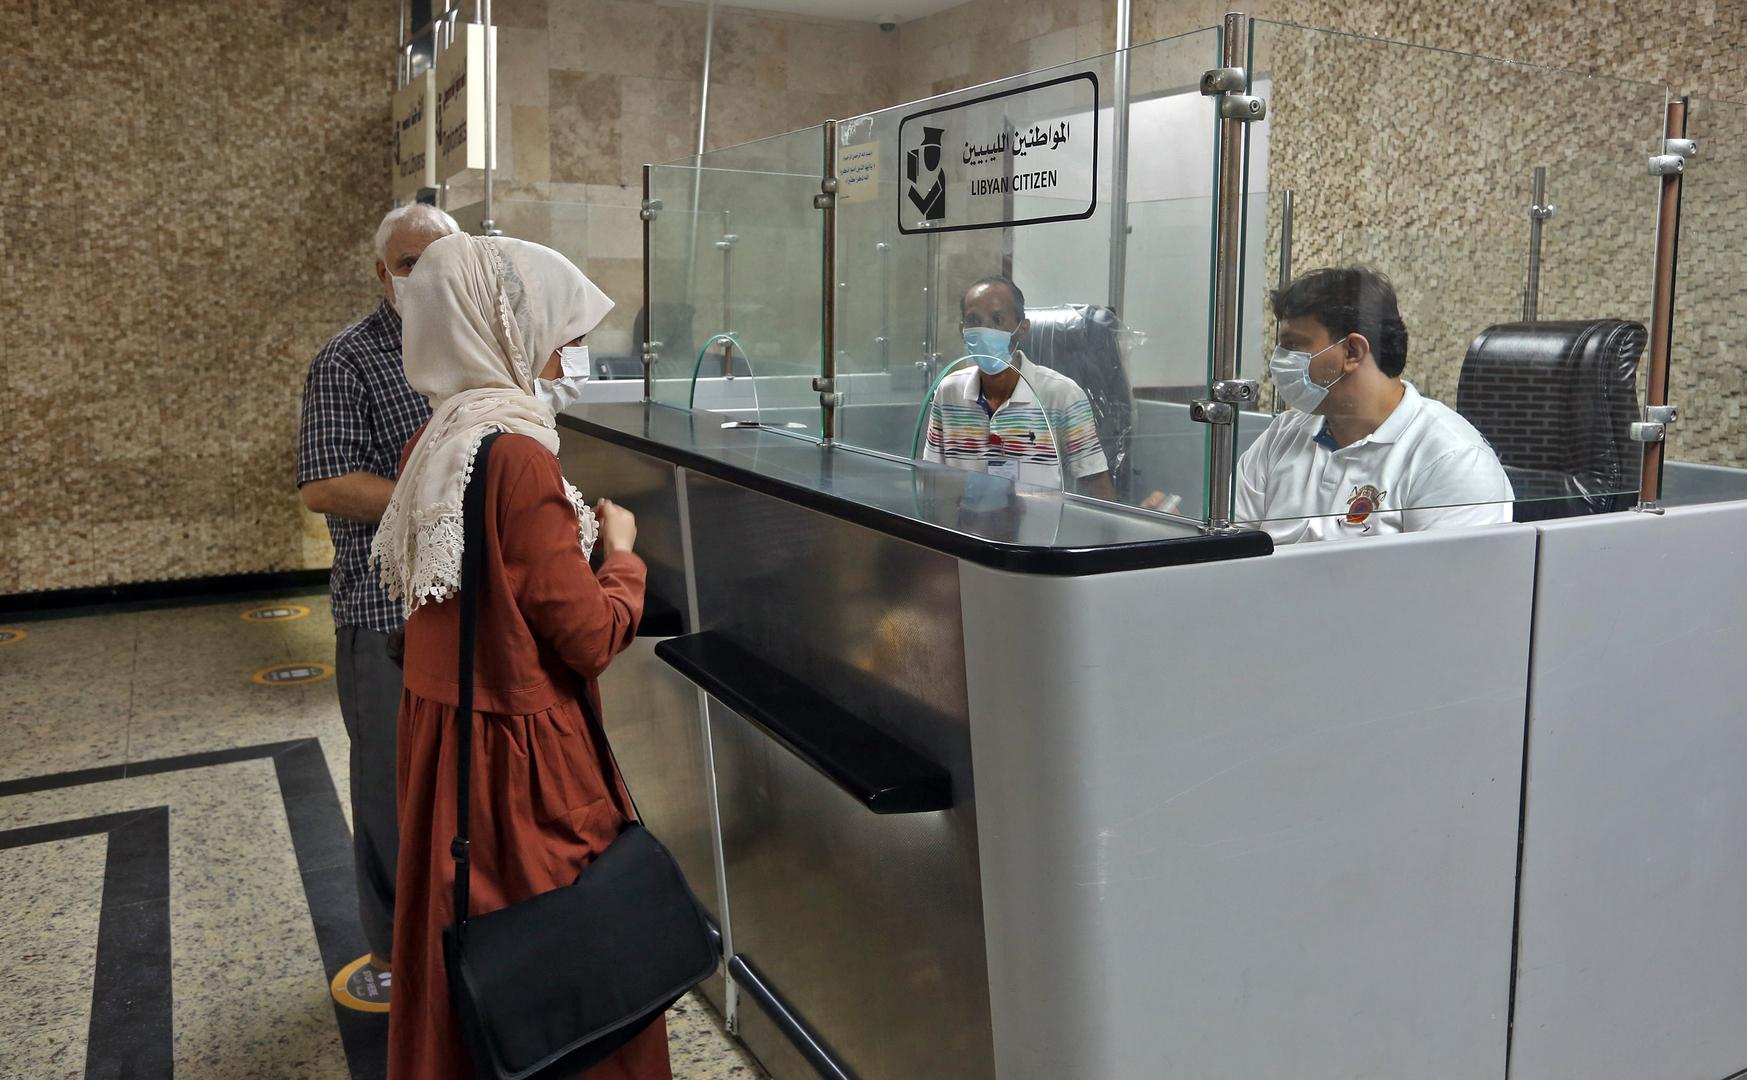 ليبيا تسجل قفزة كبيرة في حالات الإصابة بالفيروس التاجي